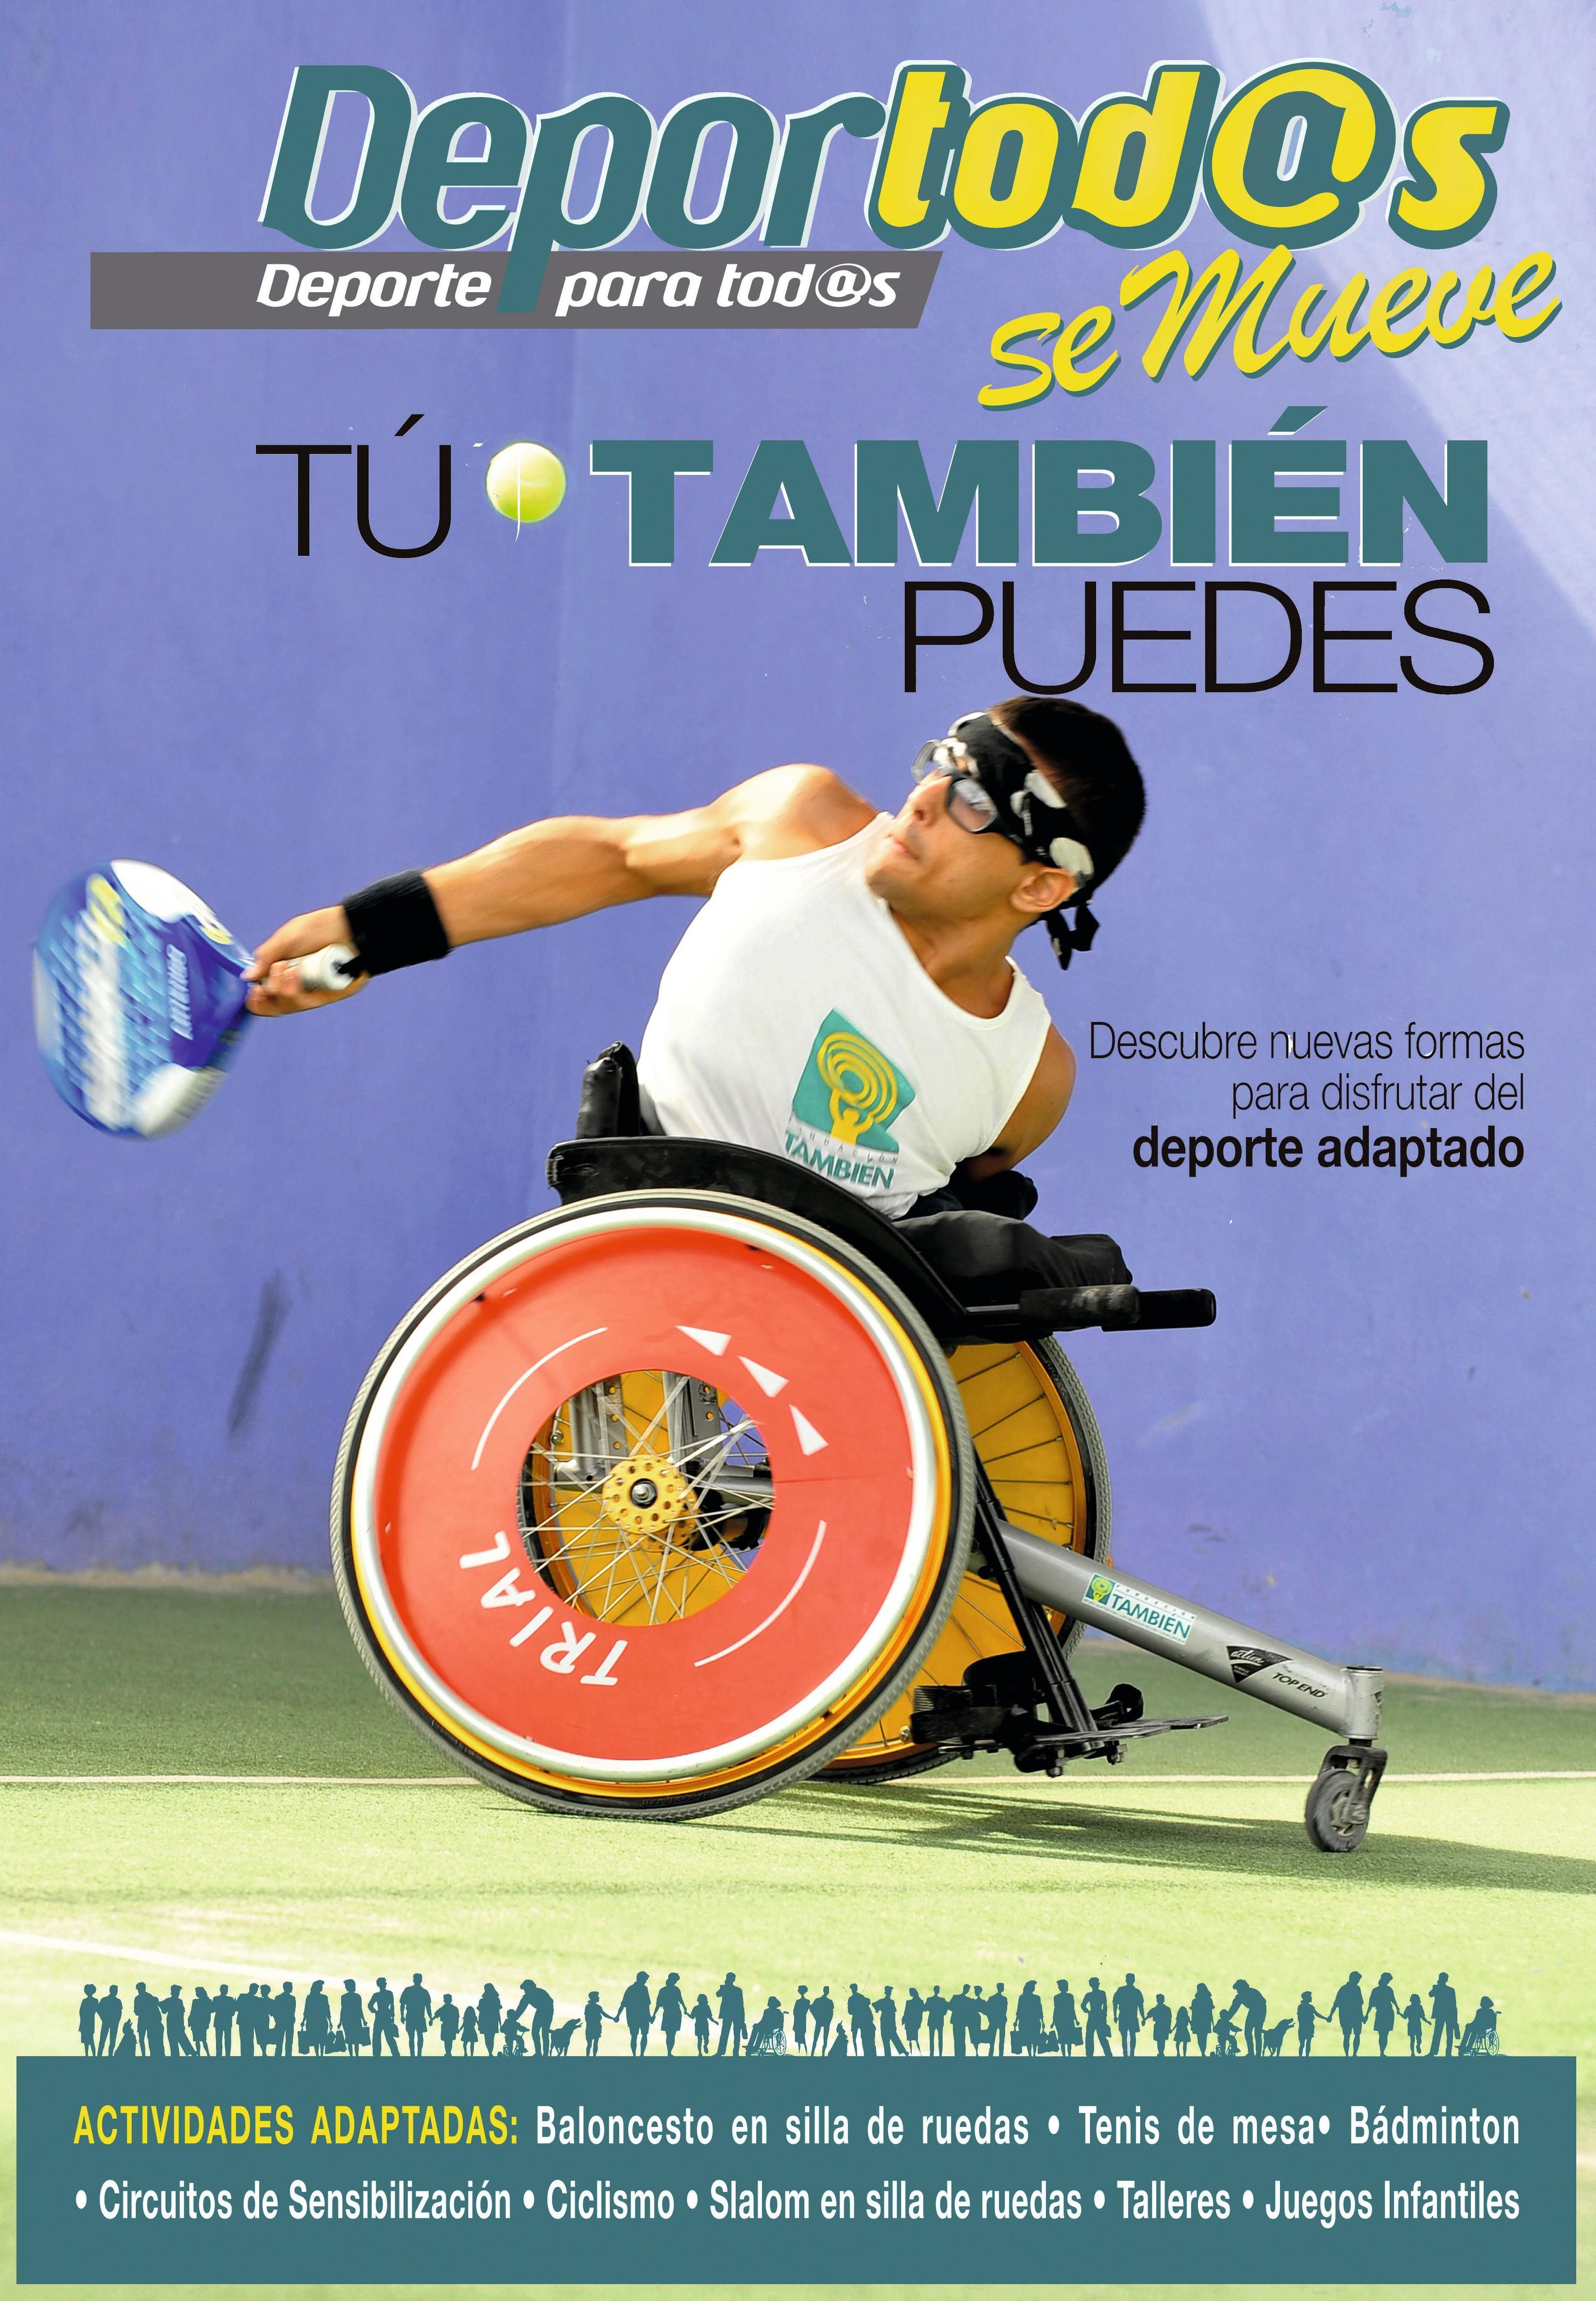 Cartel anunciando una jornada deportiva de  integración, San Fernando, 2012.